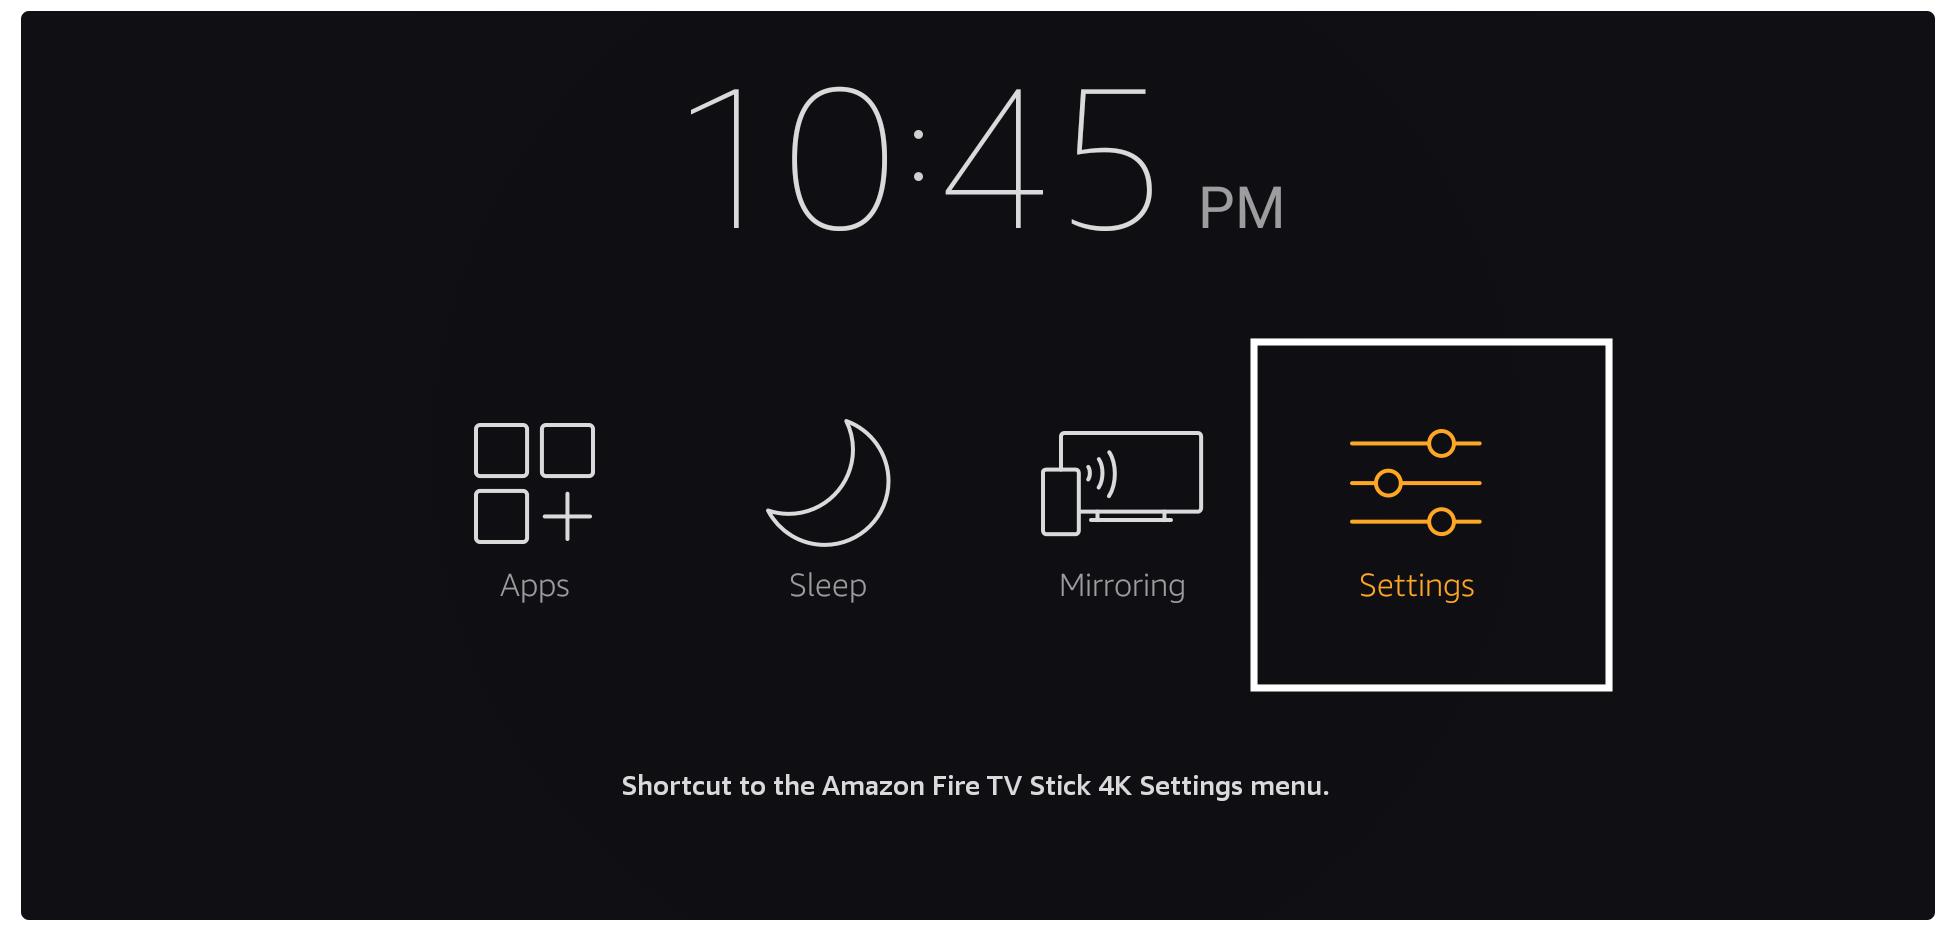 Update-Kodi-on-Firestick-Device